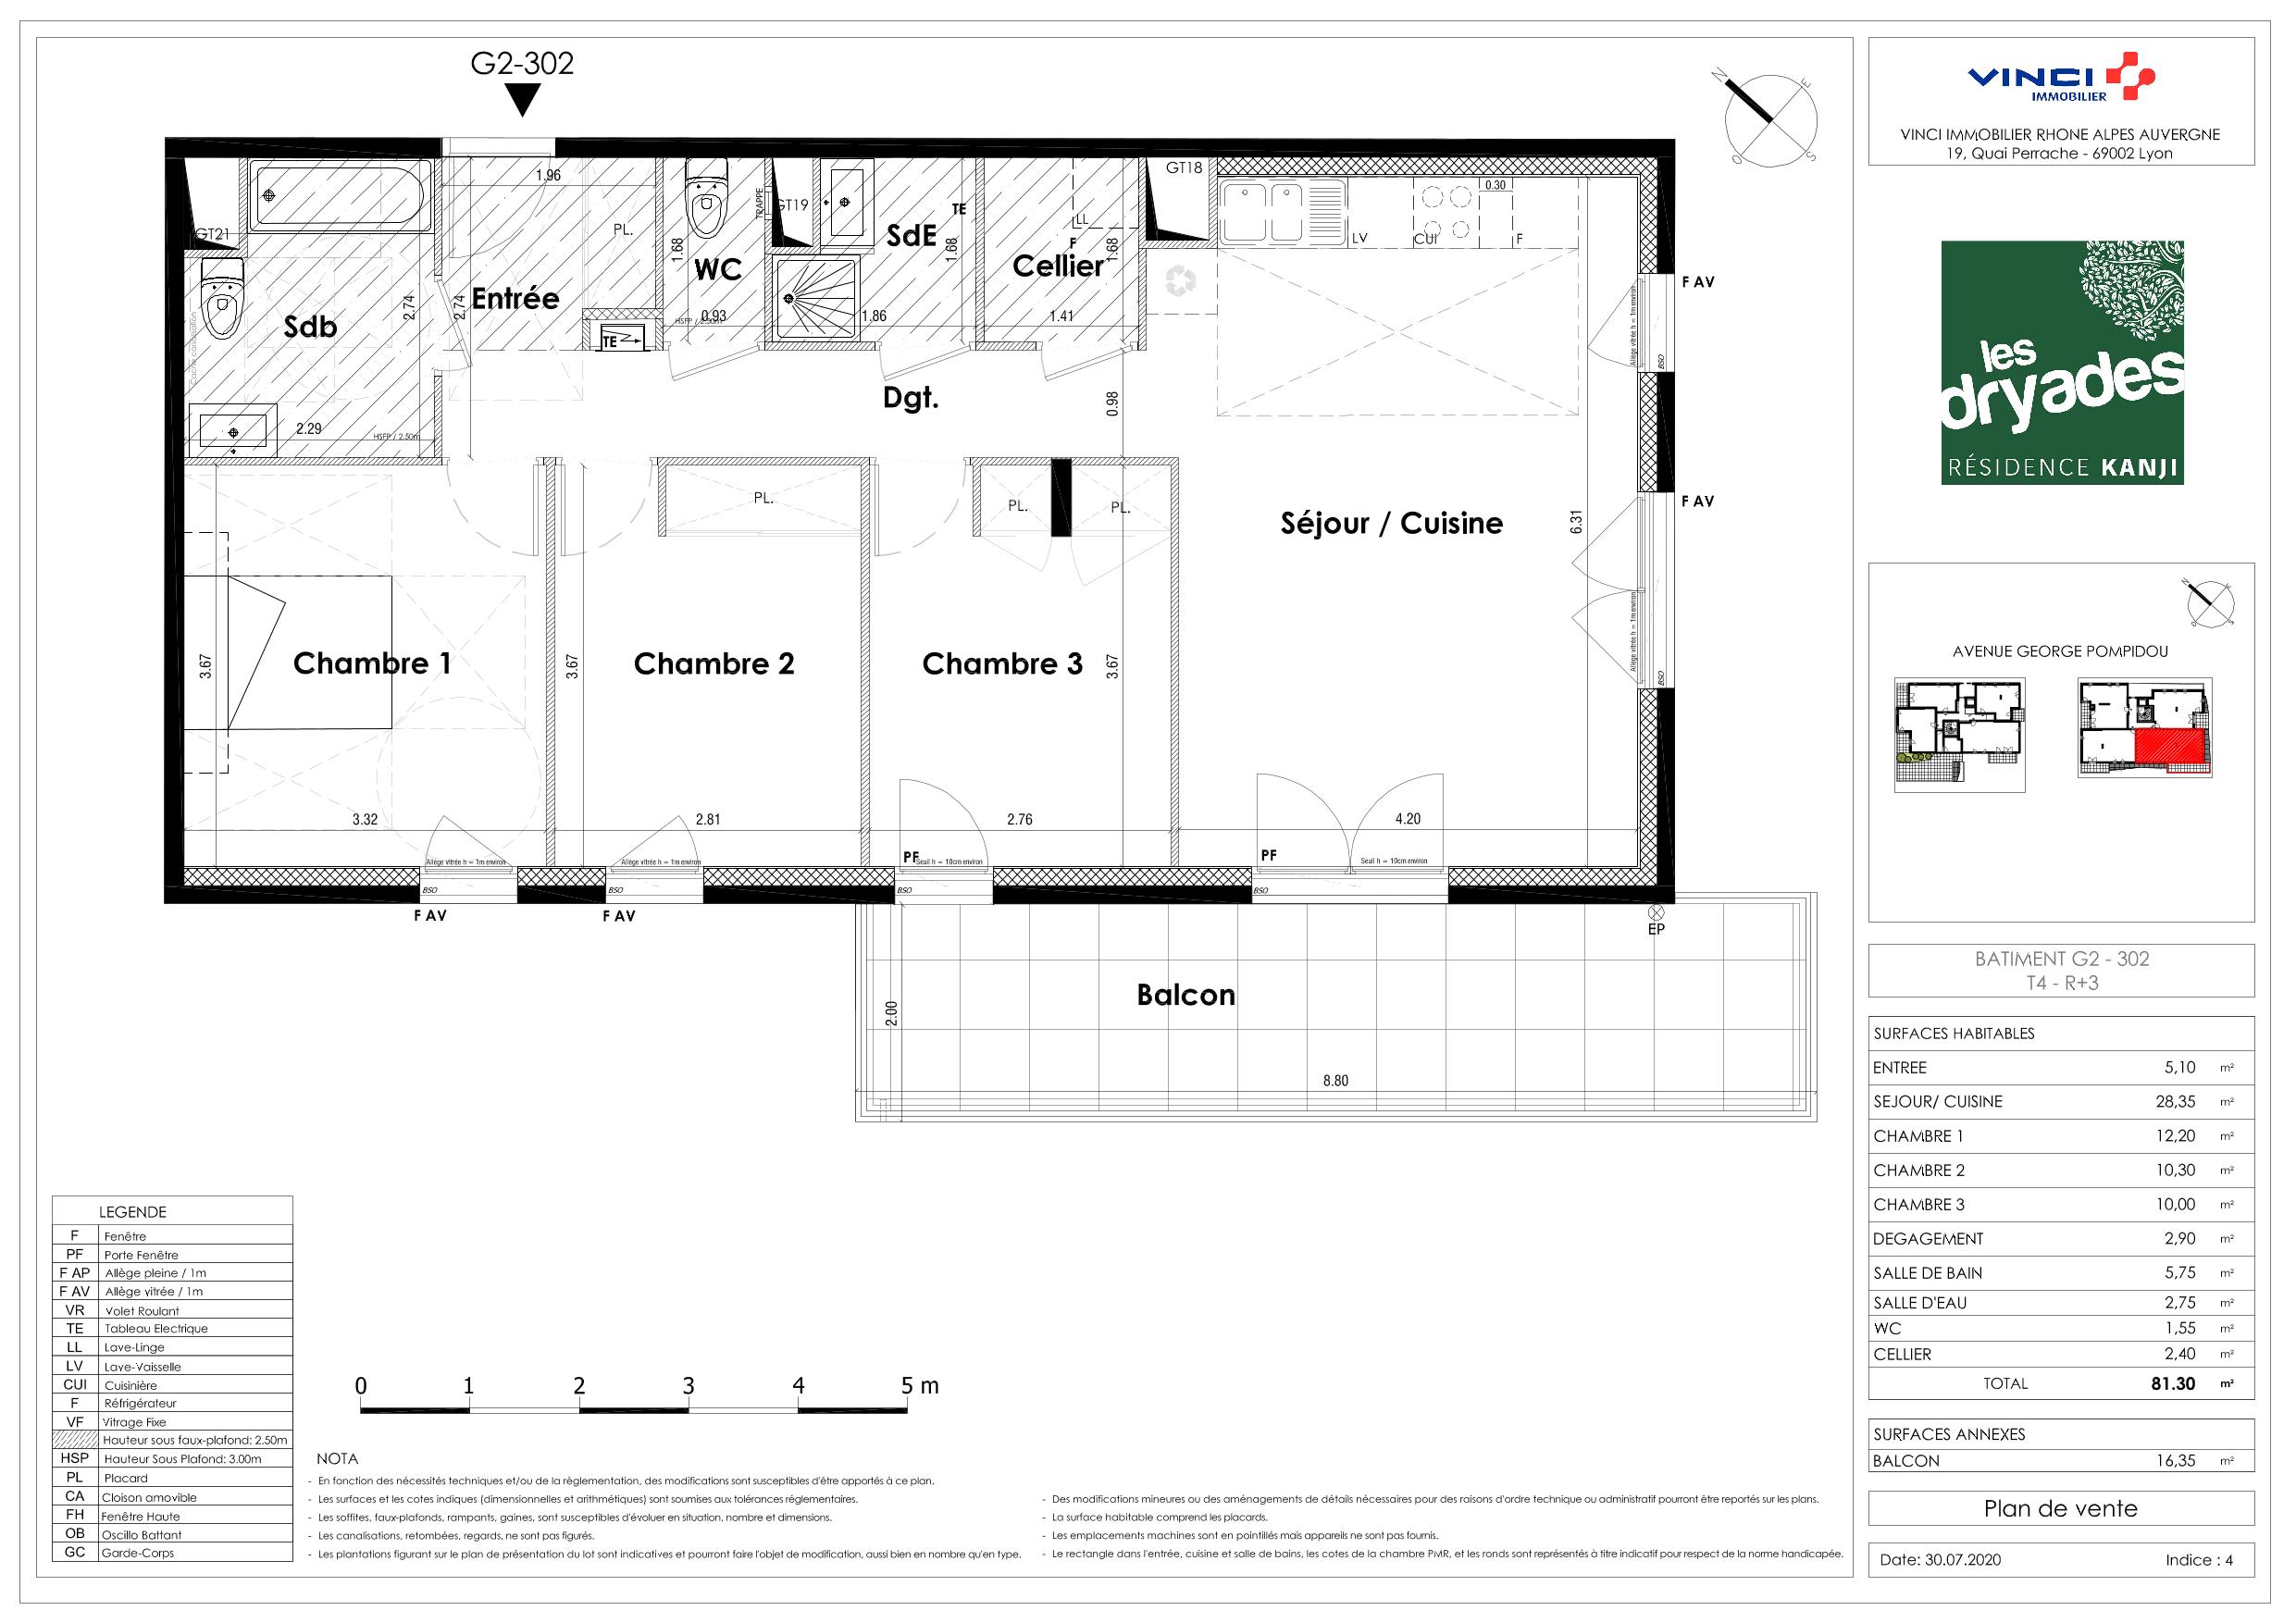 Immobilier neuf à SAINT-PRIEST - LES DRYADES - KANJI  VINCI